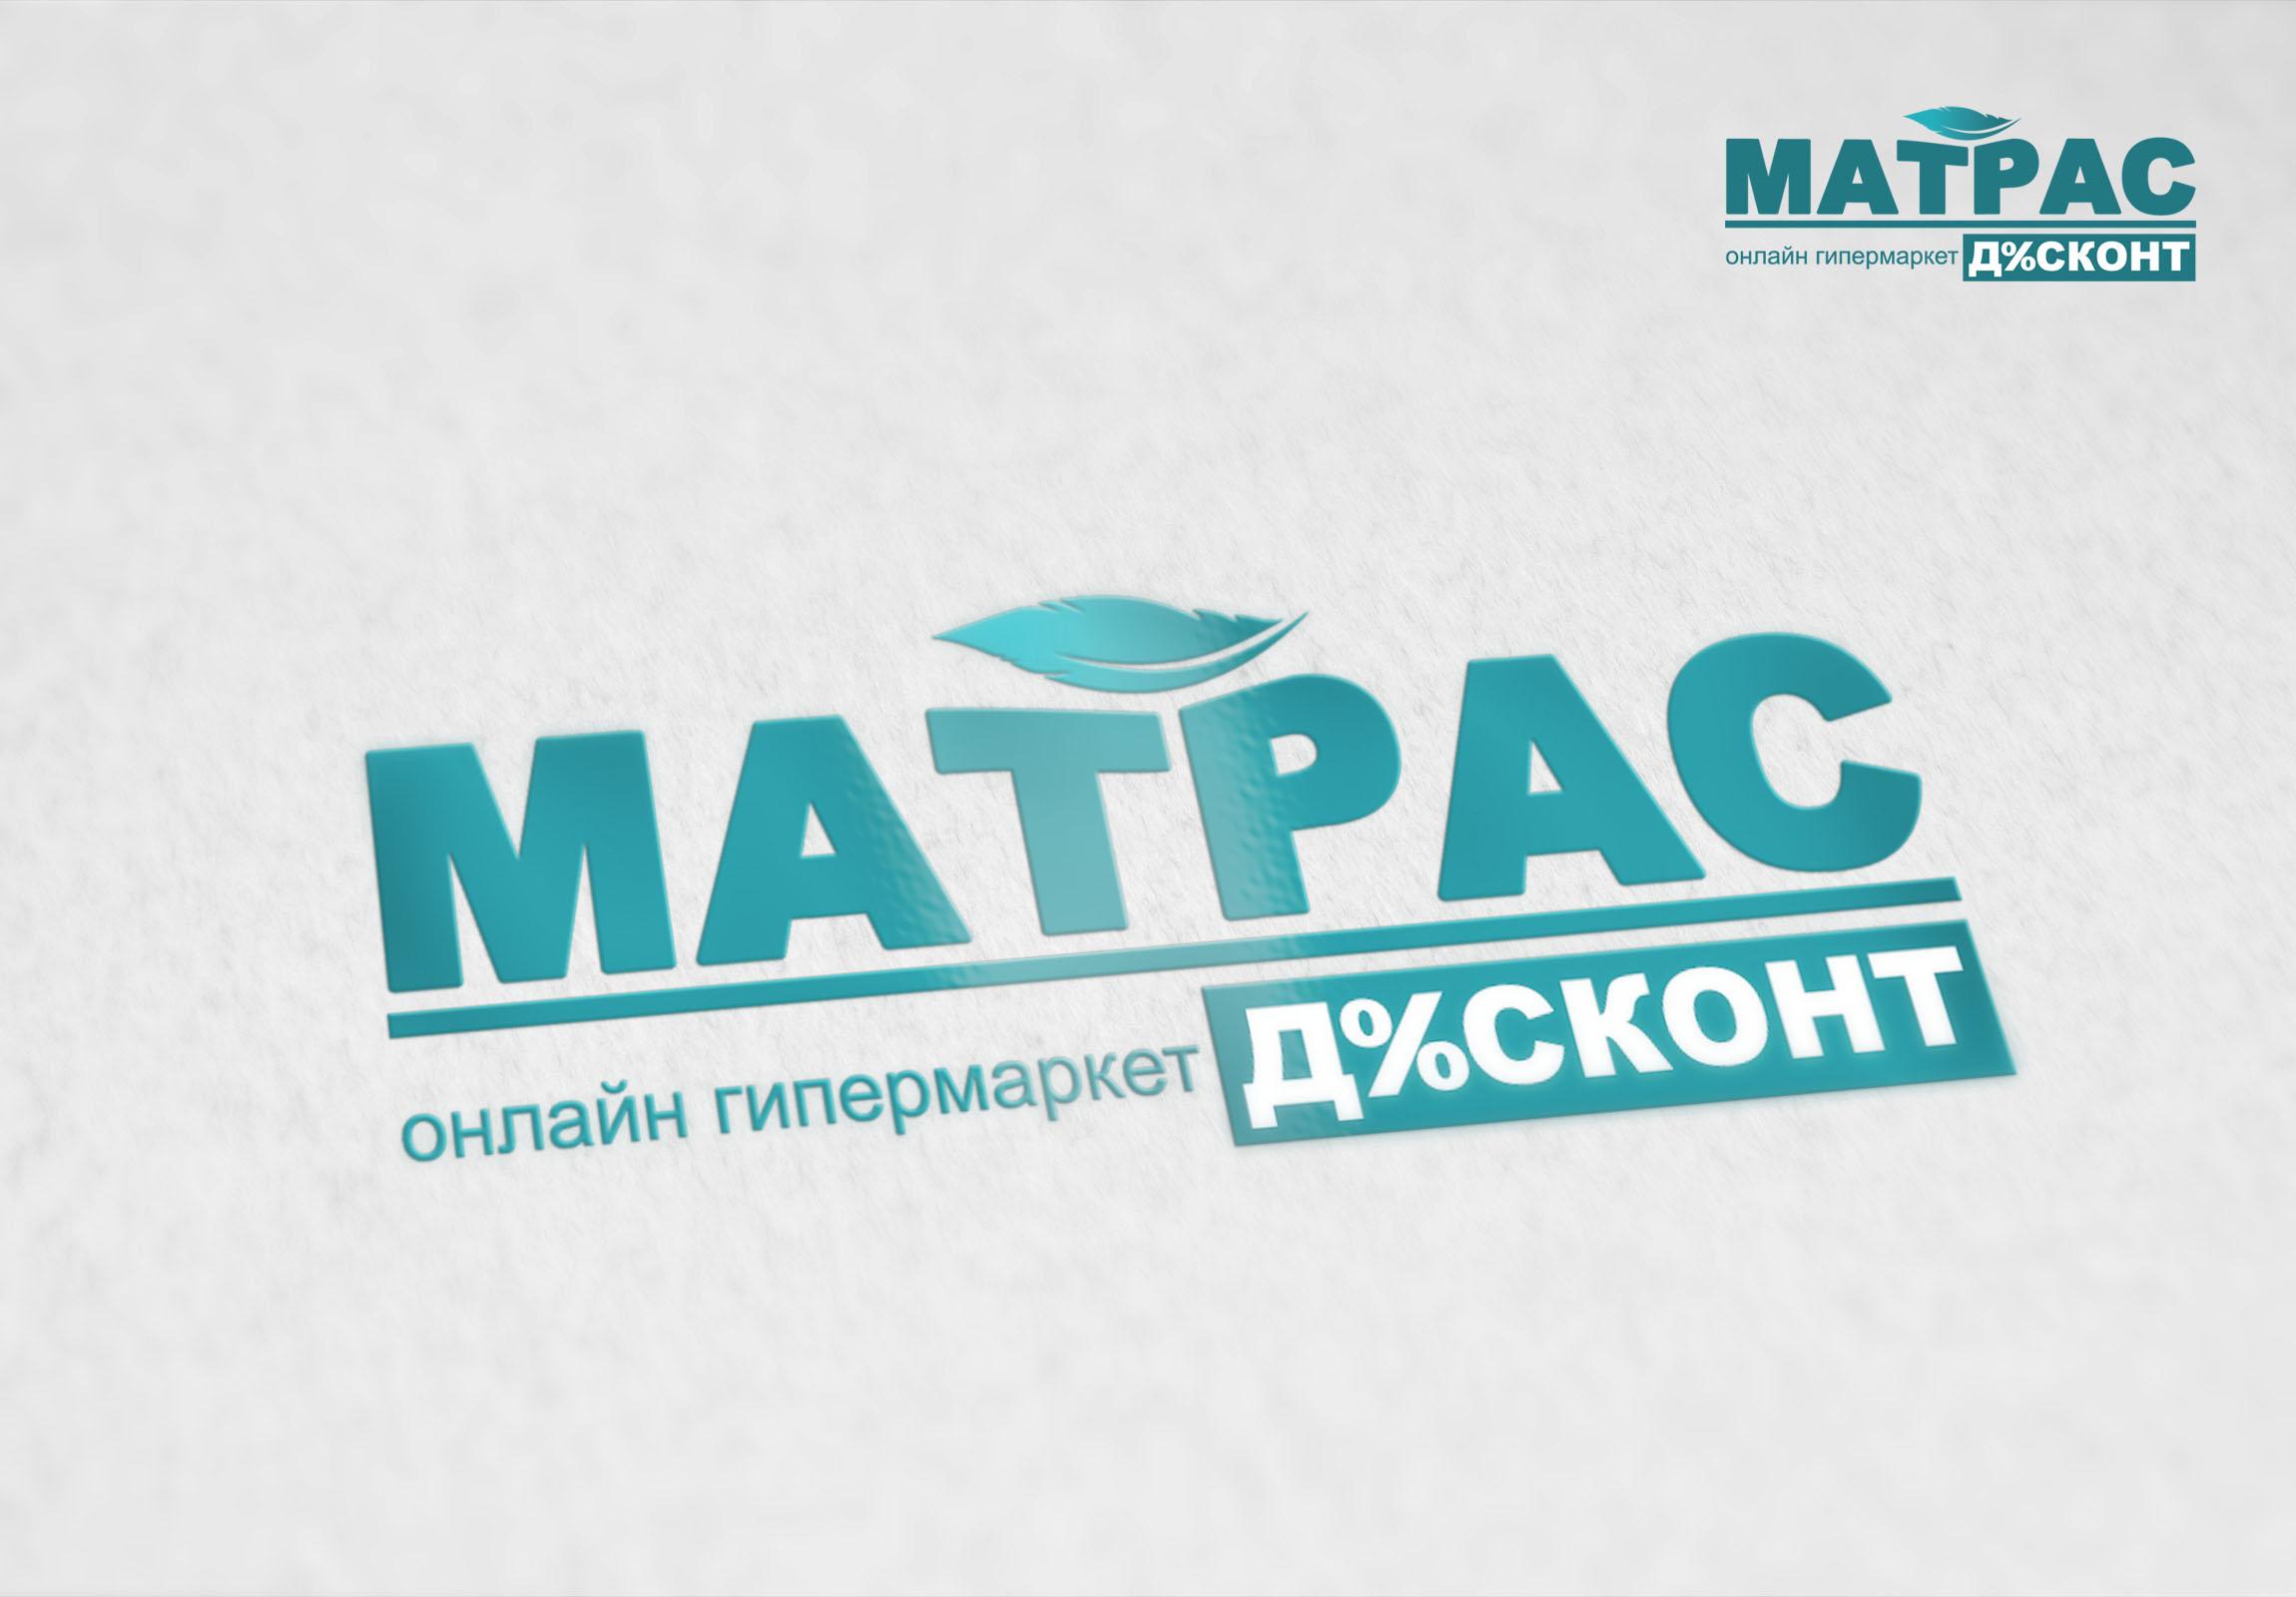 Логотип для ИМ матрасов фото f_2945c897c757258c.jpg